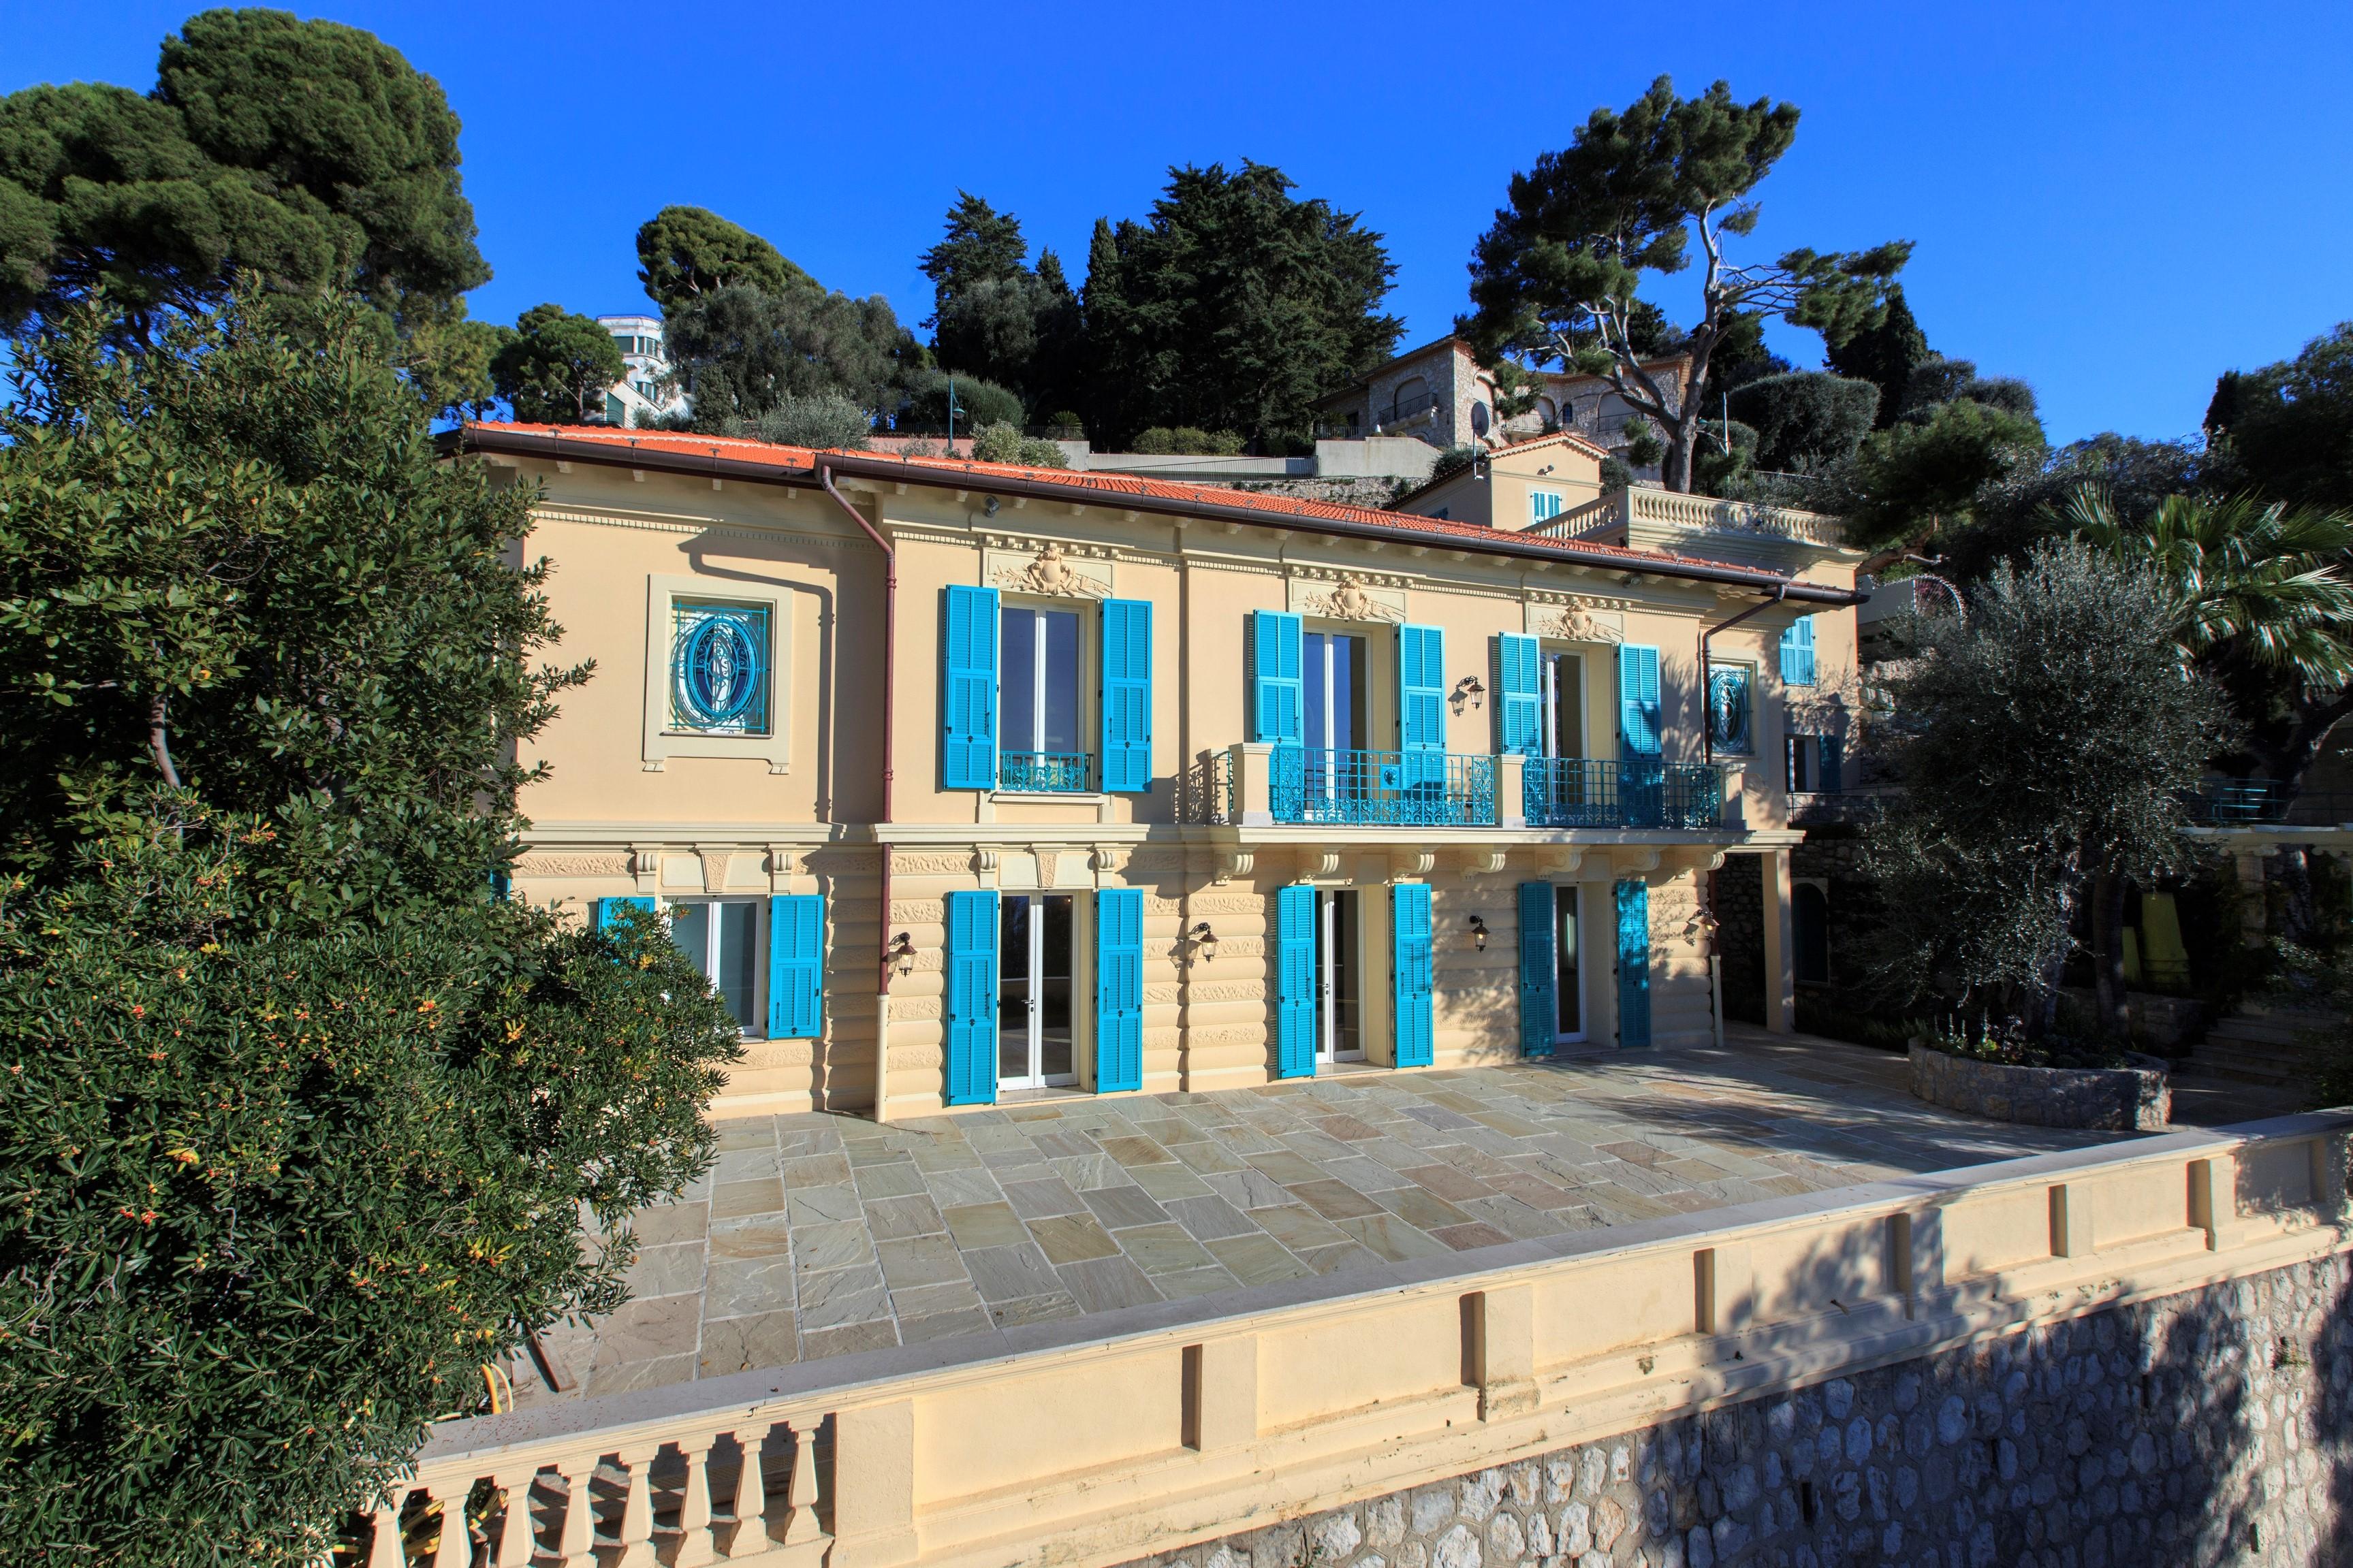 Avenue De Grasseuil, Saint-Jean-Cap-Ferrat, Provence-Alpes-Côte D'azur, France